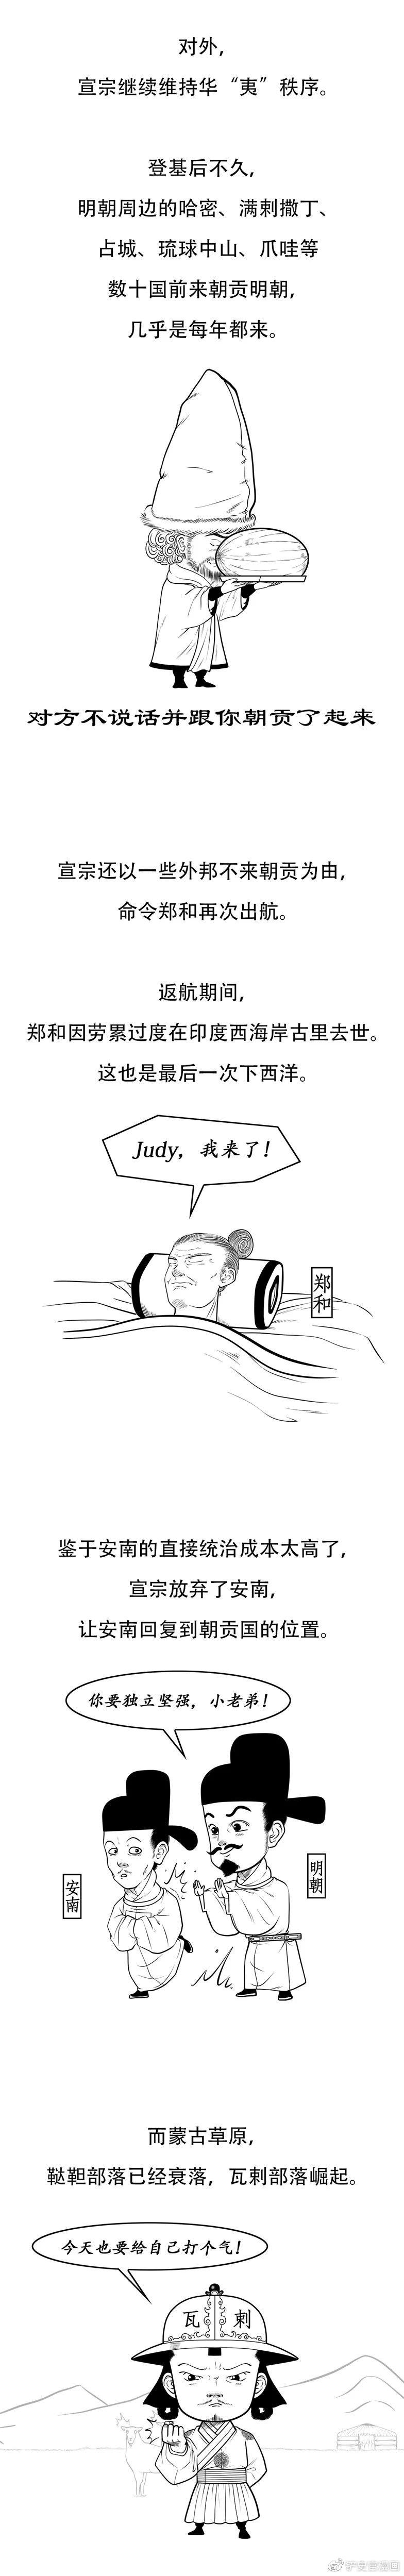 """明朝1 明朝前期是如何""""再造华夏""""的? """